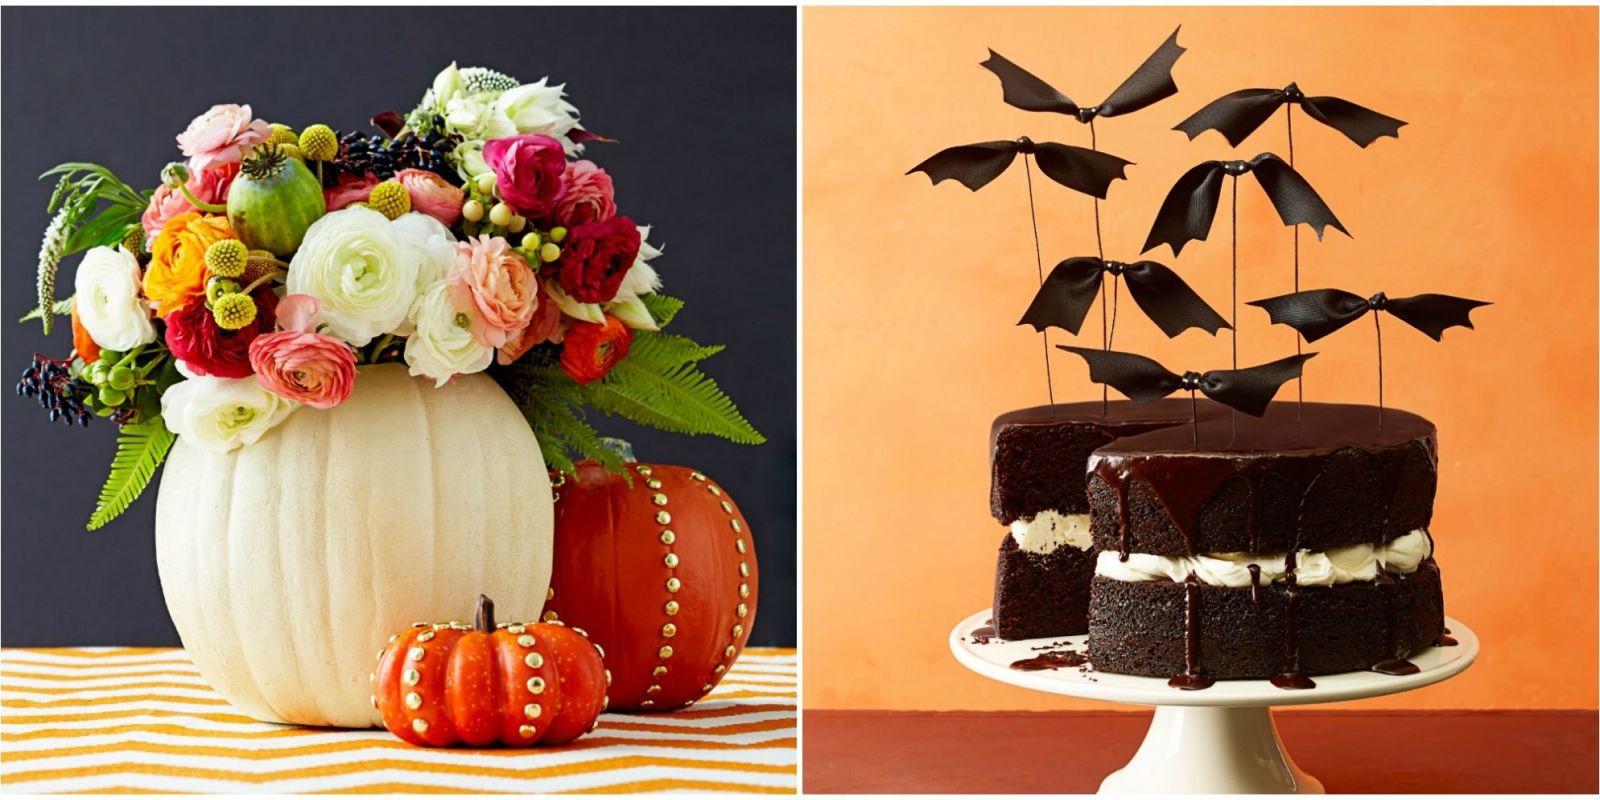 50 Fun Halloween Party Ideas 2017 - Fun Themes for a Halloween ...